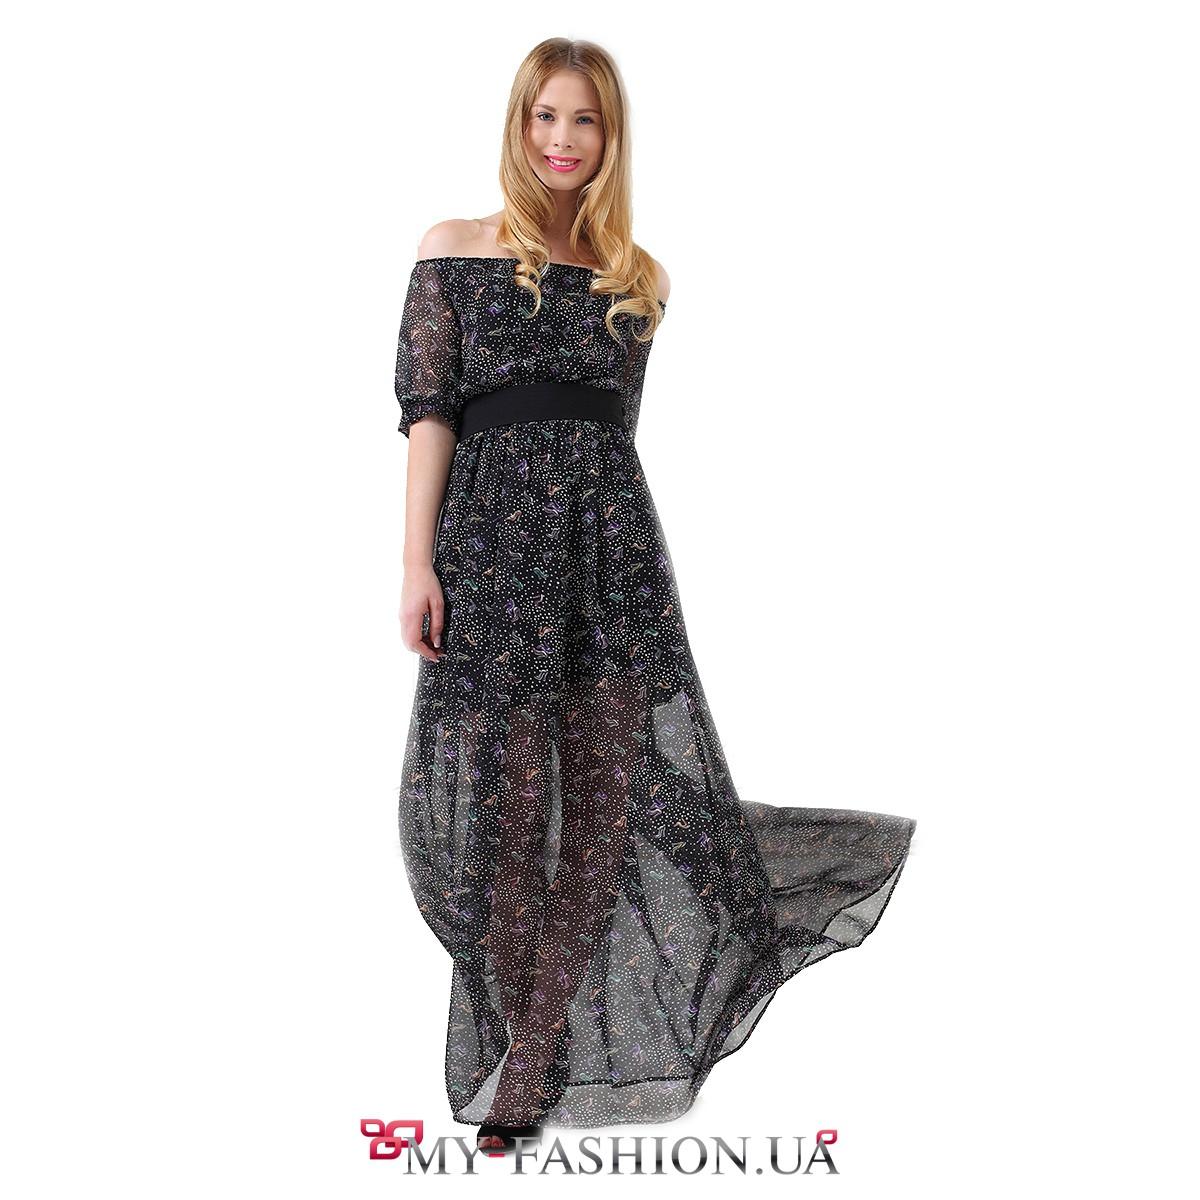 Платье В Пол Купить В Интернет Магазине